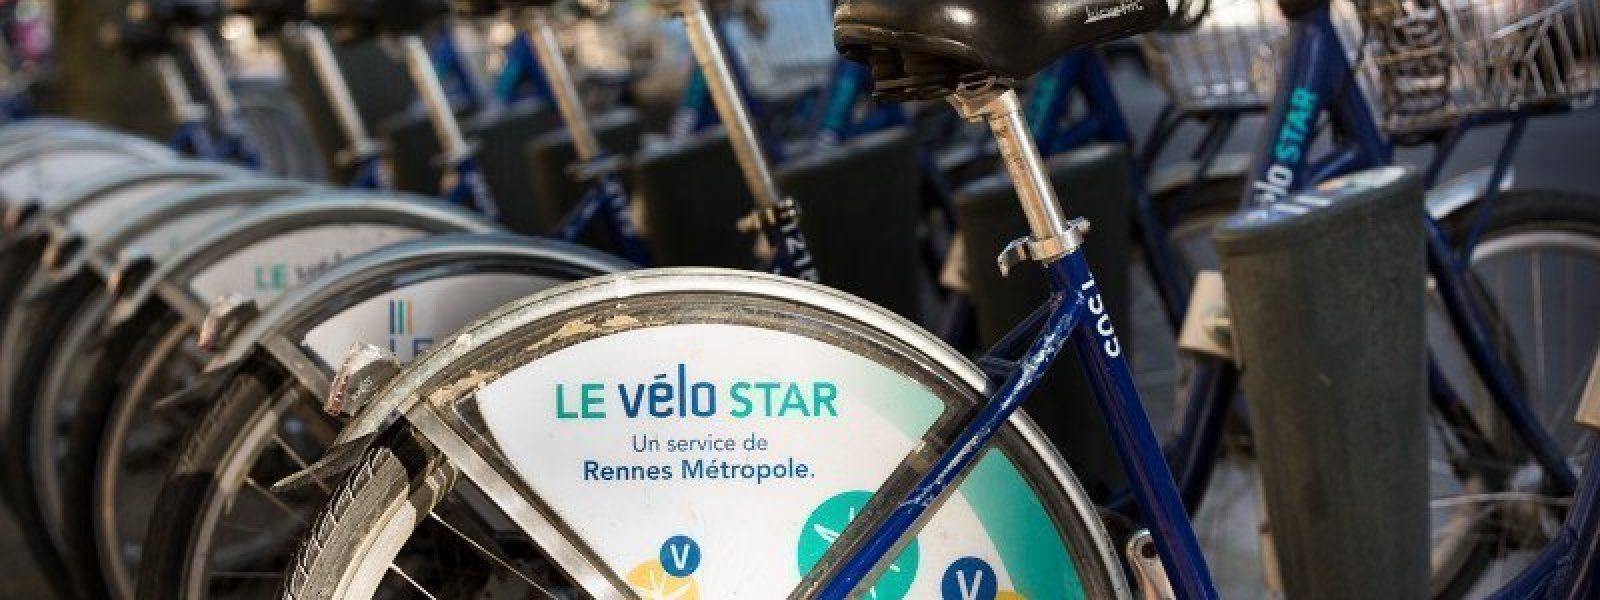 Le vélo star à Rennes